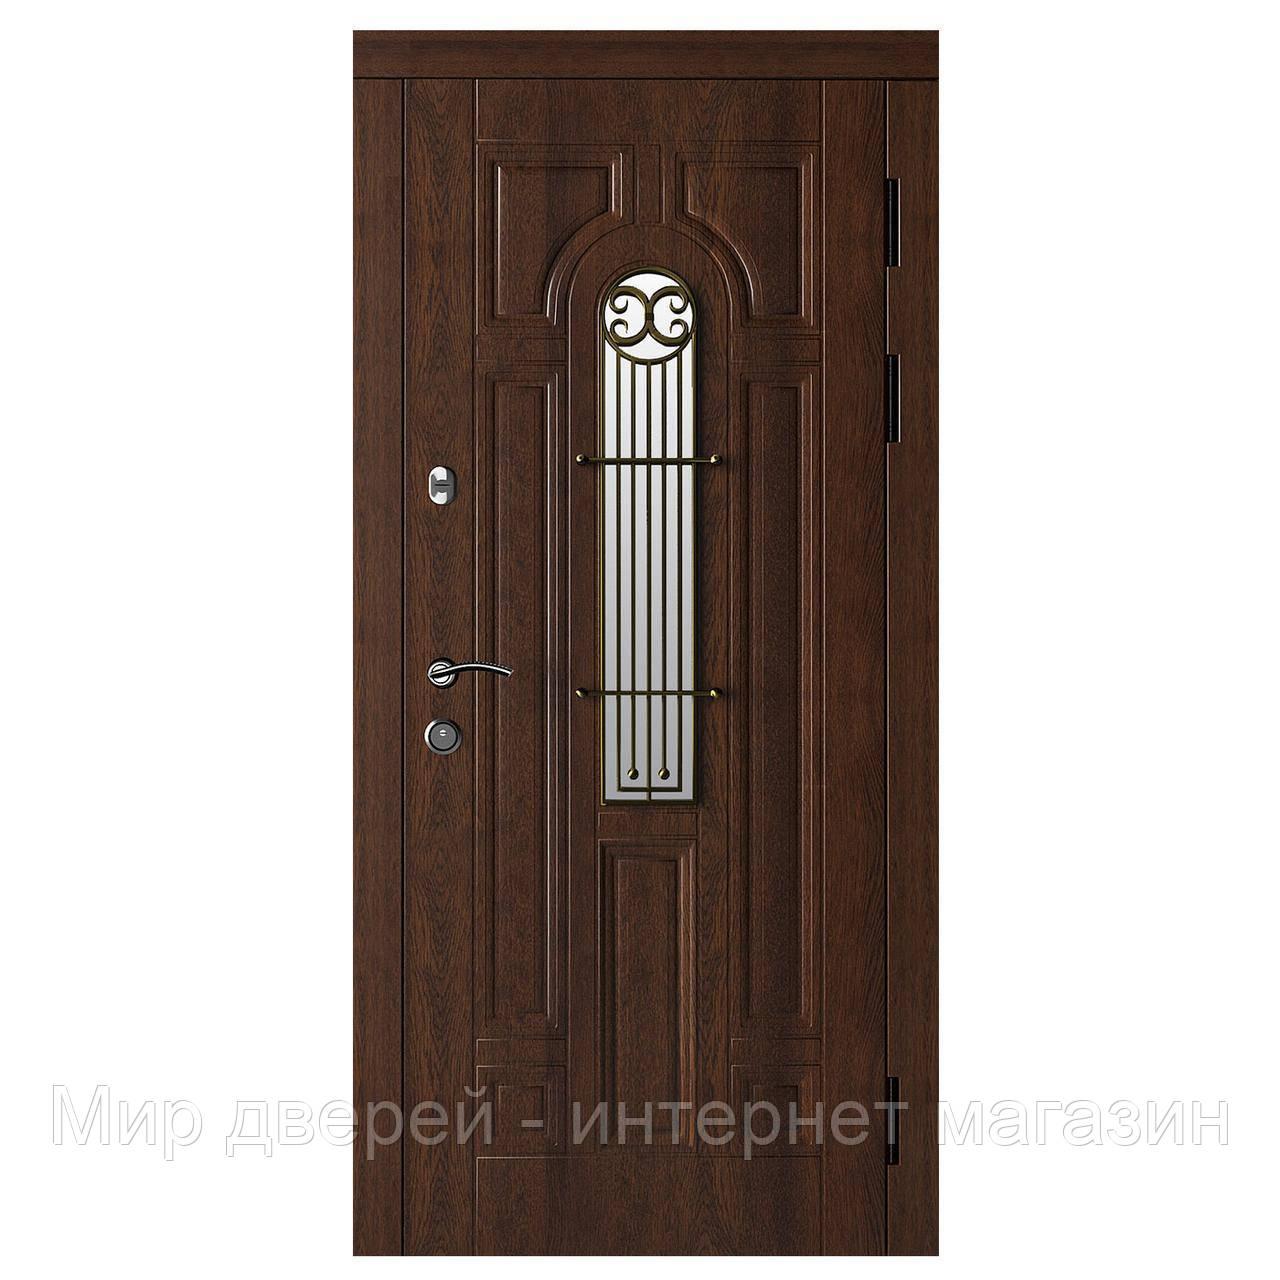 Двери входные KASKAD COTTAGE Лучия Элит 100